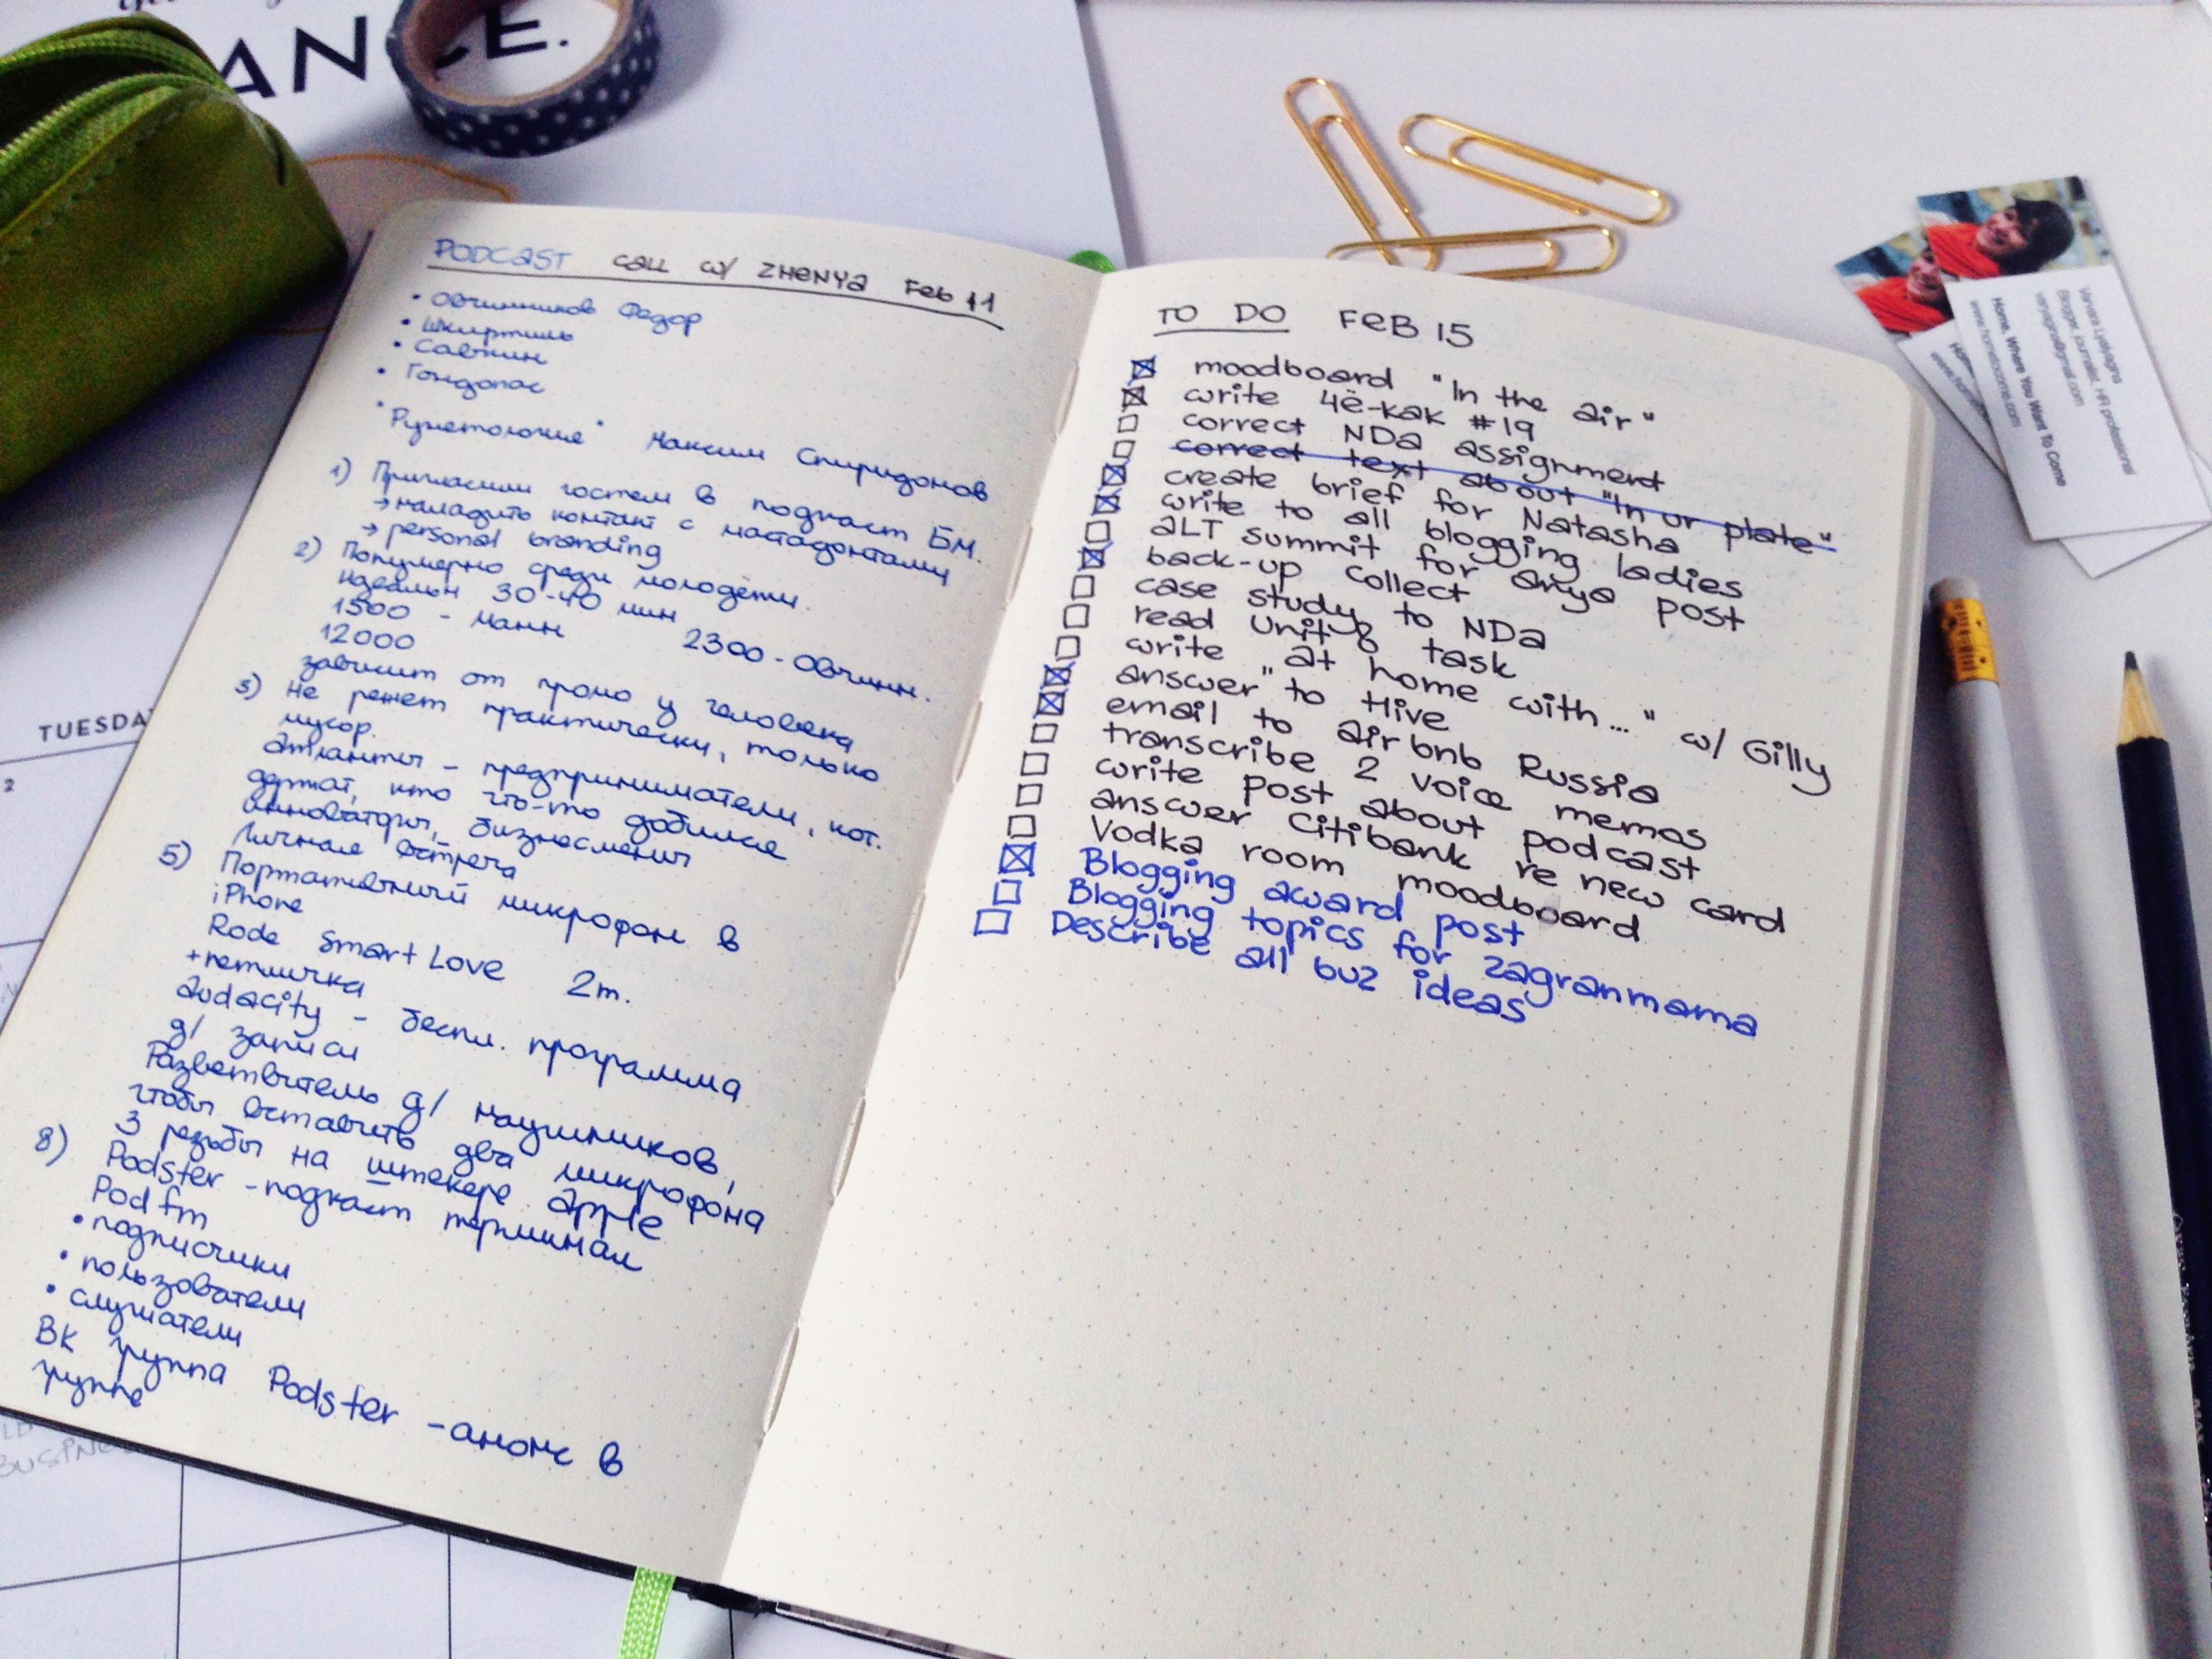 погода как правильно записывать в свой эжедневник свои планы украинских борщей,русских